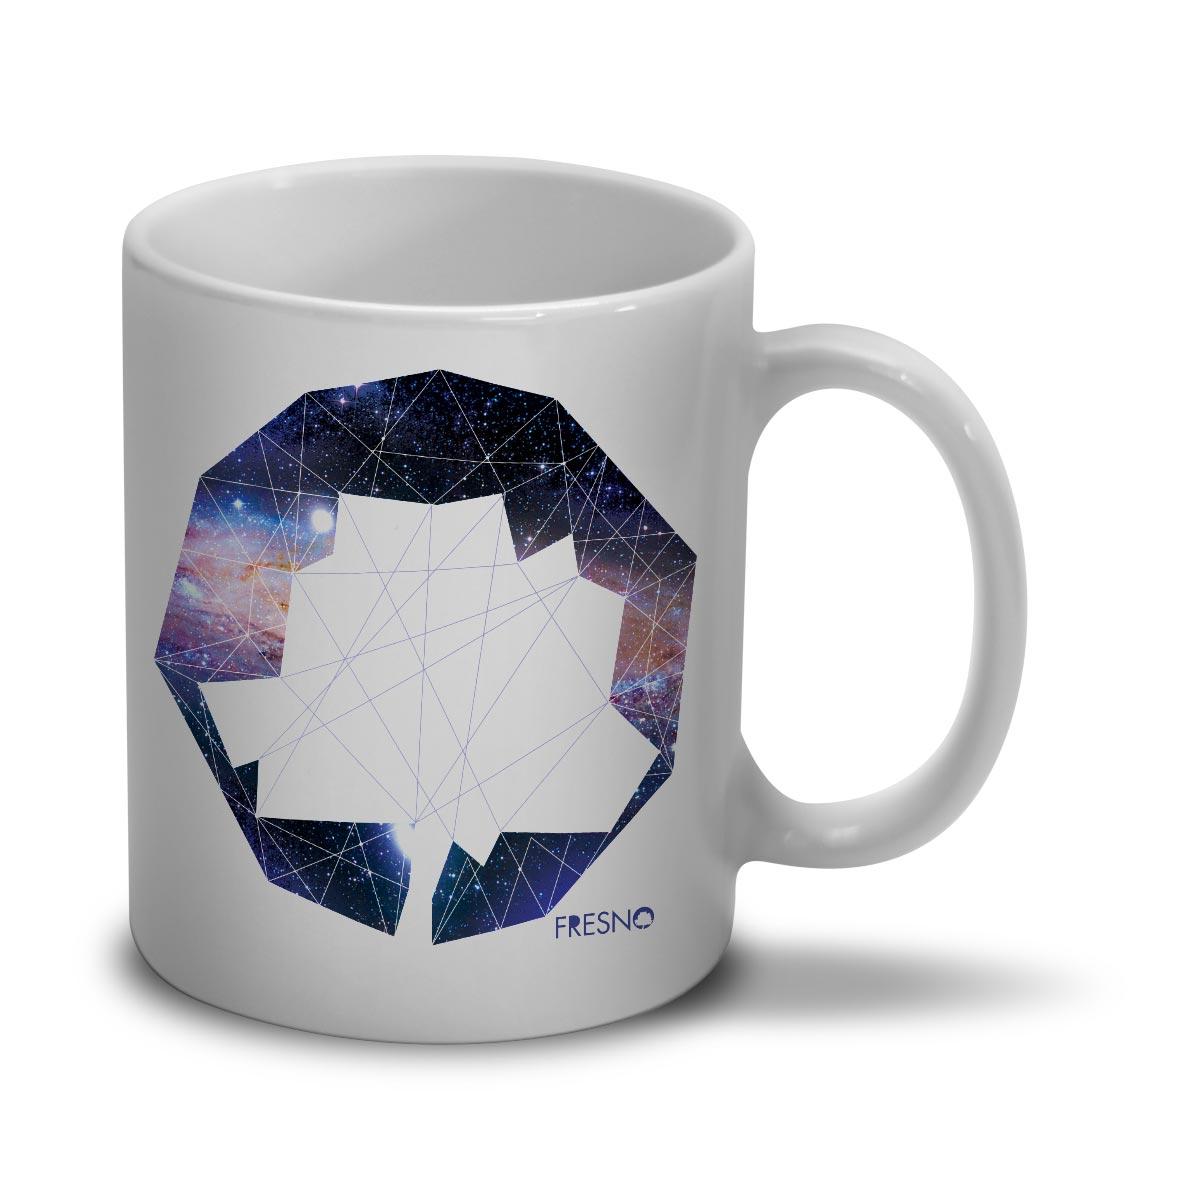 Caneca Fresno Logo Galáxias